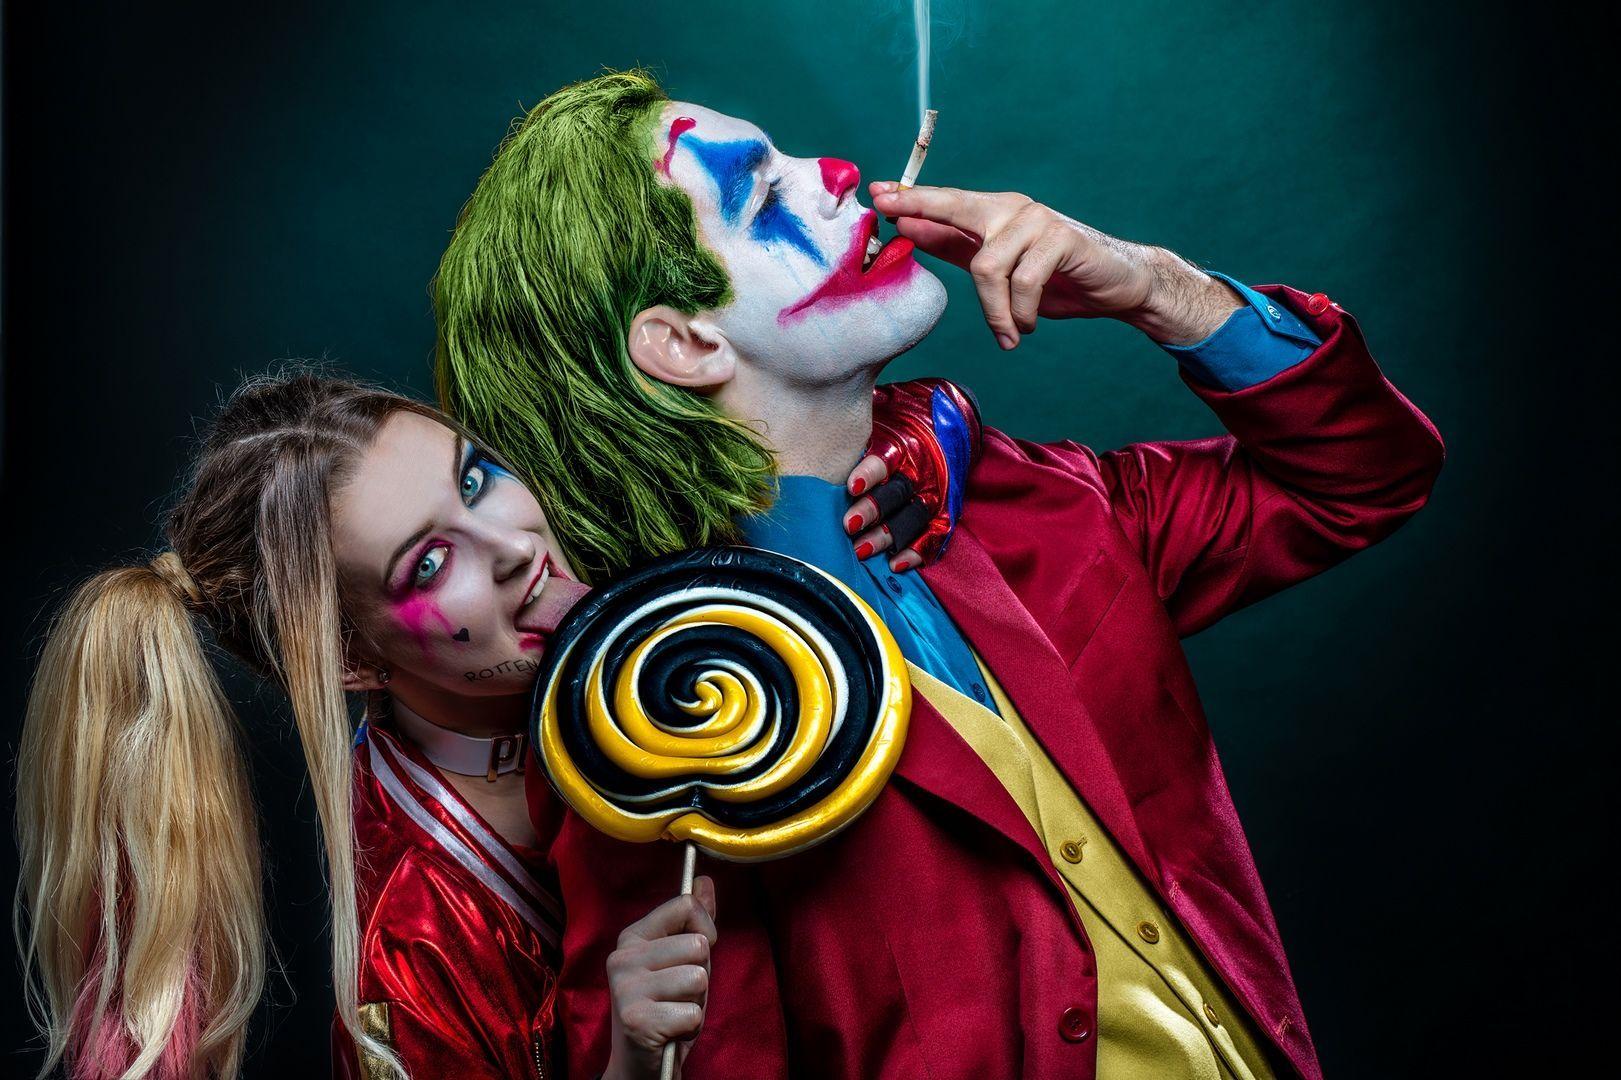 جوكر و هارلي كوين كوسبلا صور و خلفيات In 2020 Clown Halloween Costumes Couples Costumes Halloween Costumes